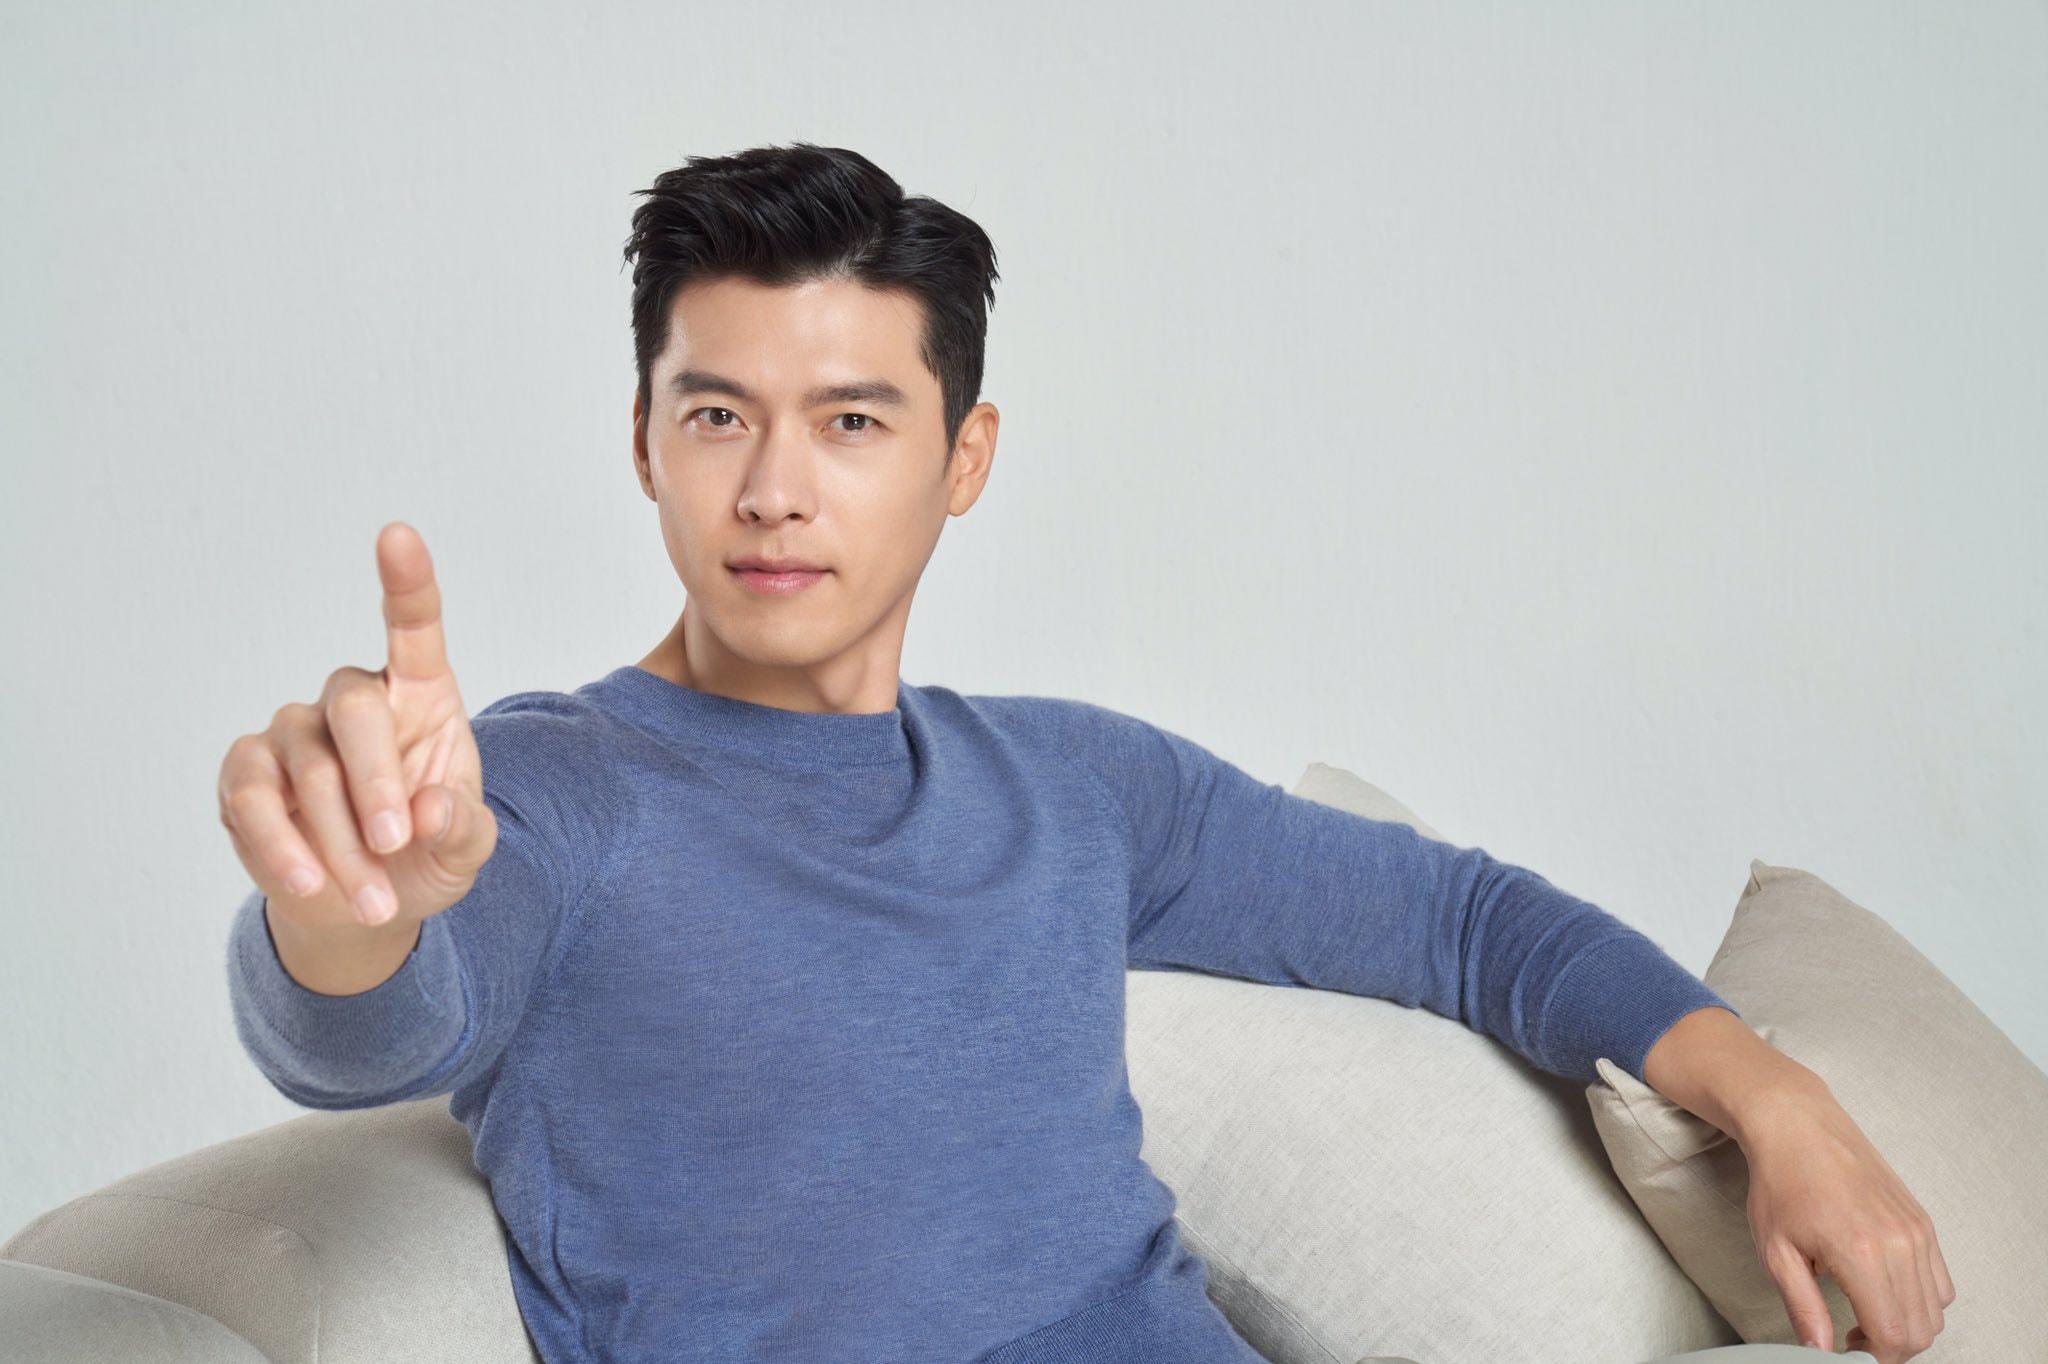 18 năm gia nhập làng giải trí, Hyun Bin chưa từng giảm sức hút. Anh thuộc top tài tử nhận cát-xê cao nhất xứ Hàn. Với mỗi tập phim truyền hình, anh nhận thù lao hơn 100 triệu won. Hiện anh hợp tác với các thương hiệu lớn trong lĩnh vực thể thao, thời trang, đồ uống, mỹ phẩm, gia dụng, điện tử... Anh cũng là sao Hàn đầu tiên làm đại sứ thương hiệu toàn cầu của hãng đồng hồ Omega.